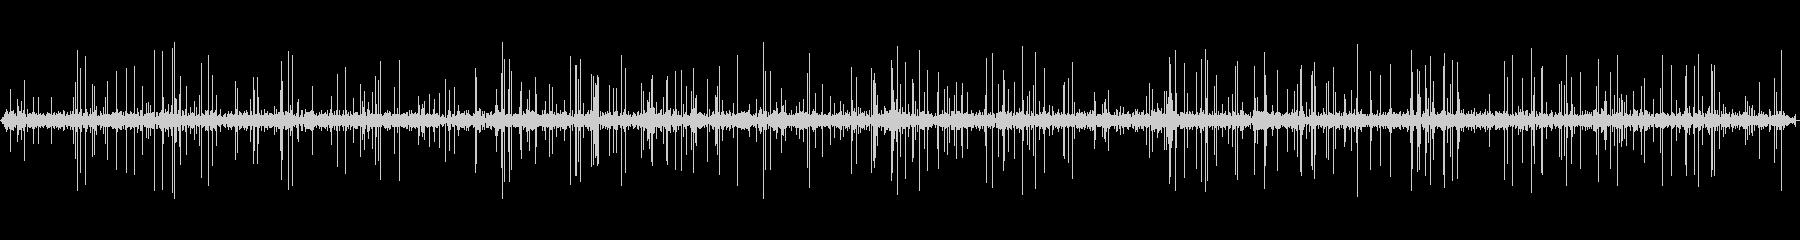 5分間のレコードノイズ・ターンテーブルの未再生の波形